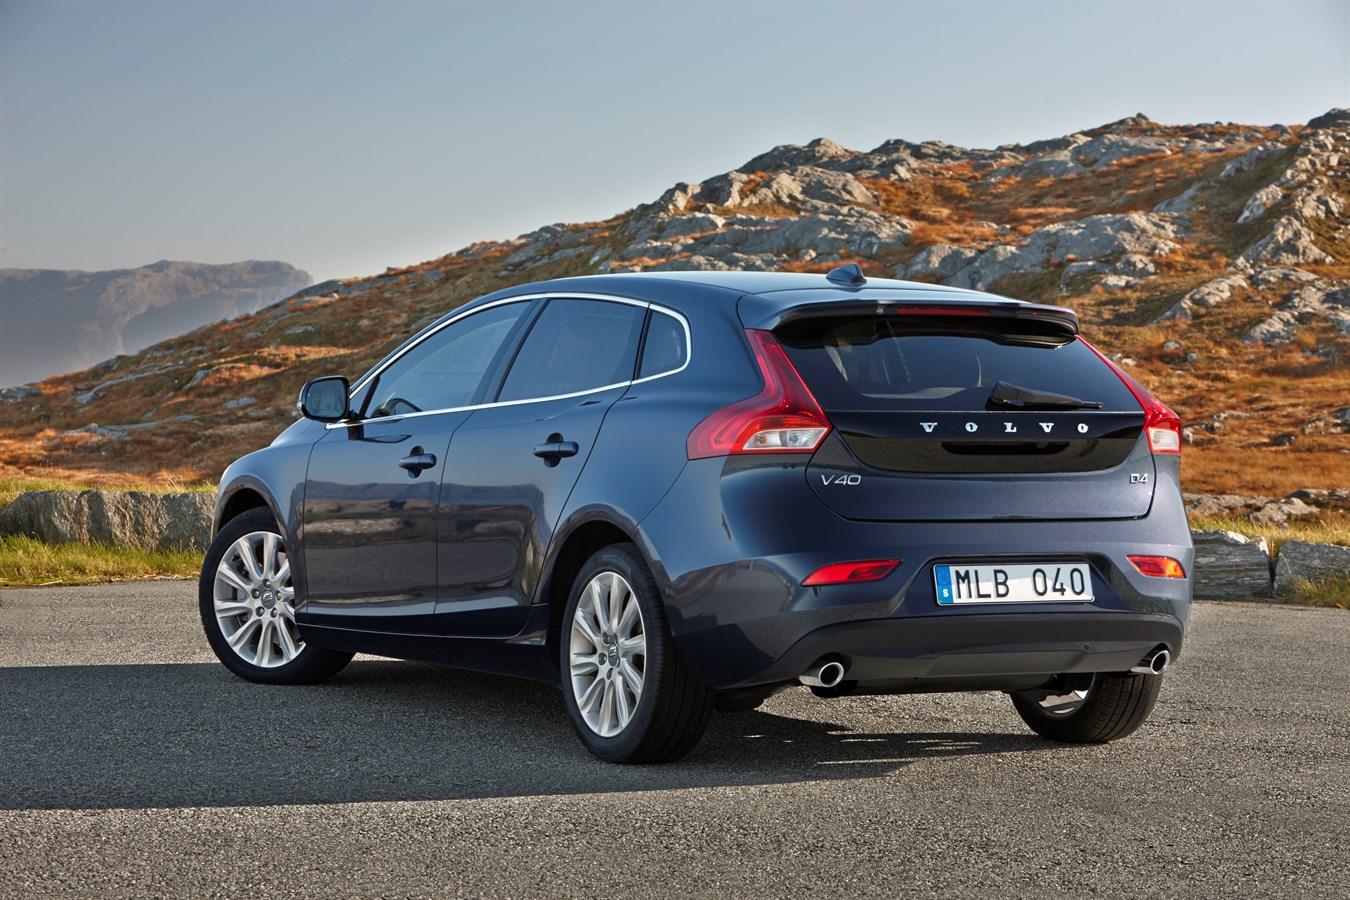 Volvo V40 - Volvo Car UK Media Newsroom